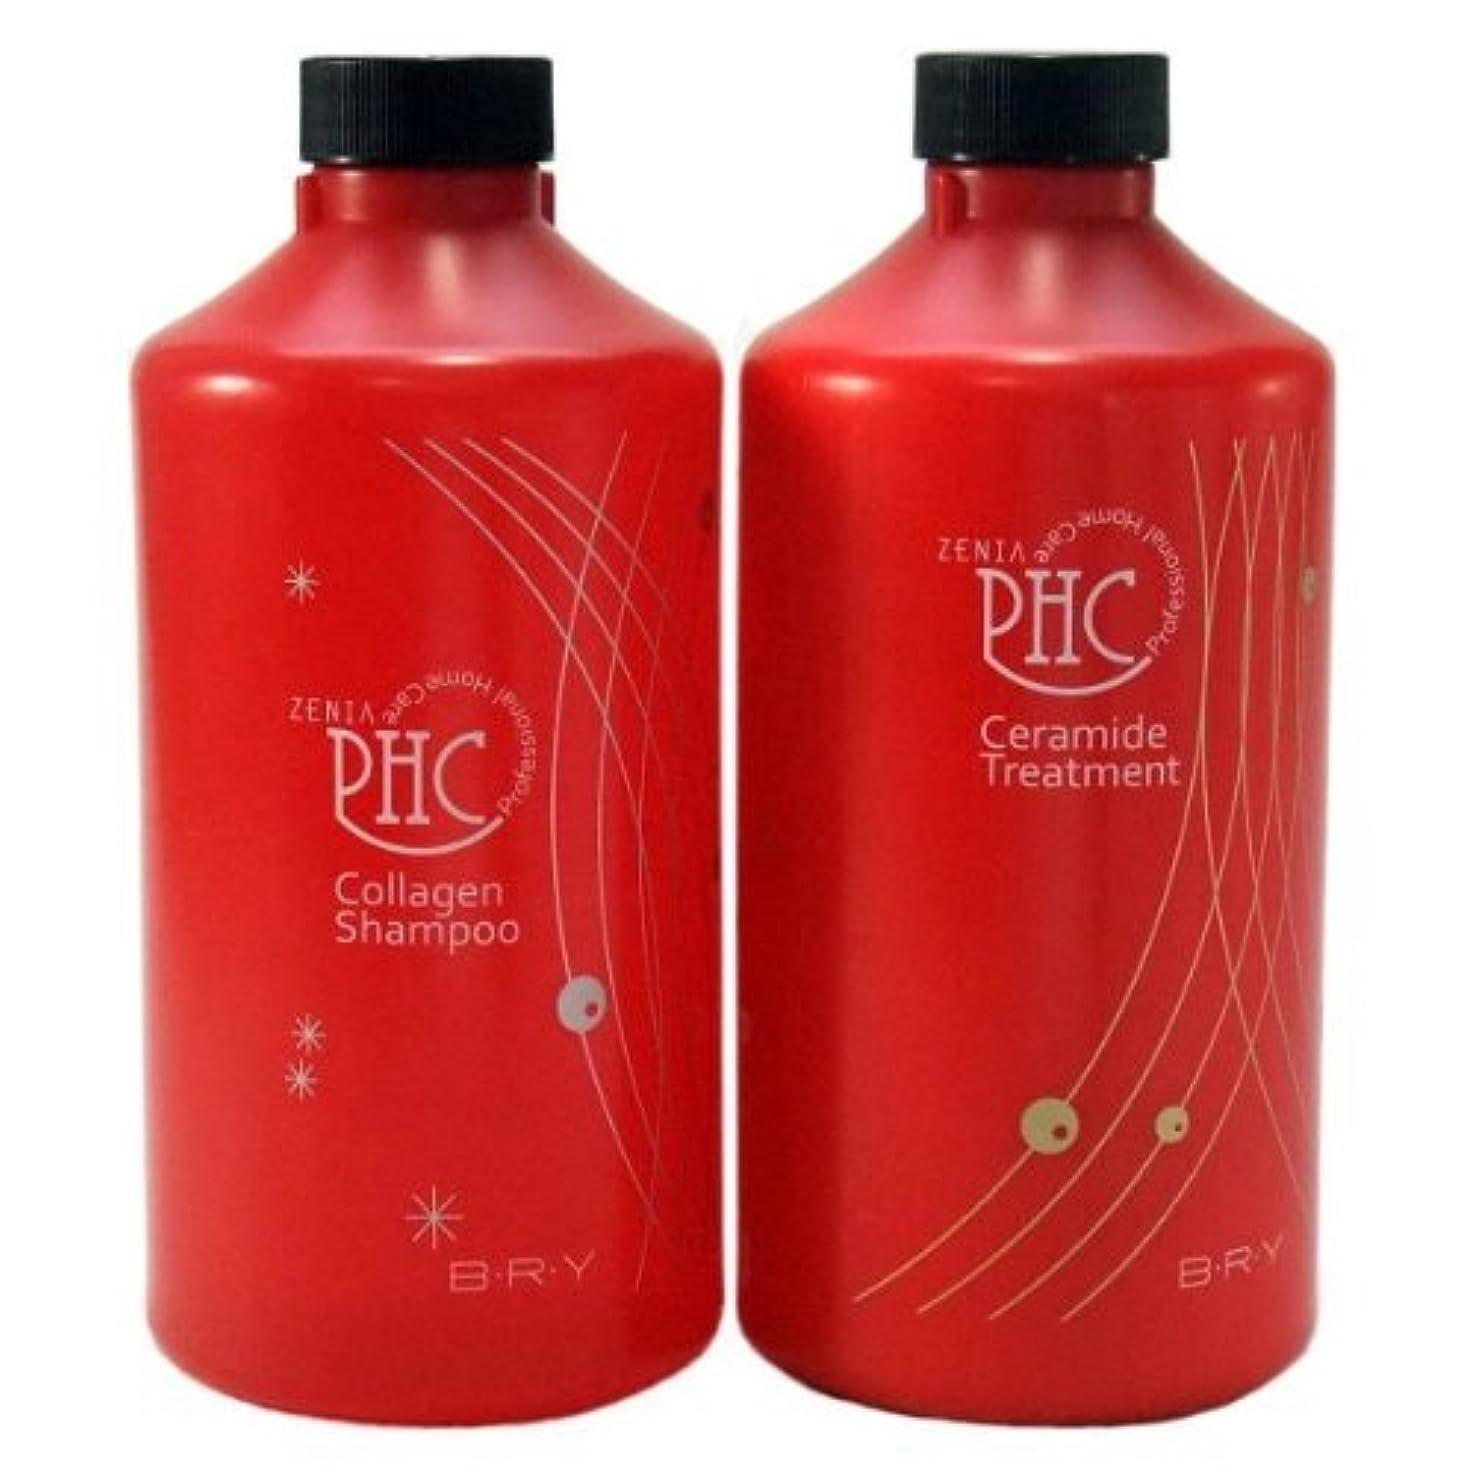 何でもキャンペーン必要ないゼニア PHC コラーゲンシャンプー800ml &セラミドトリートメント800g 詰替えタイプセット